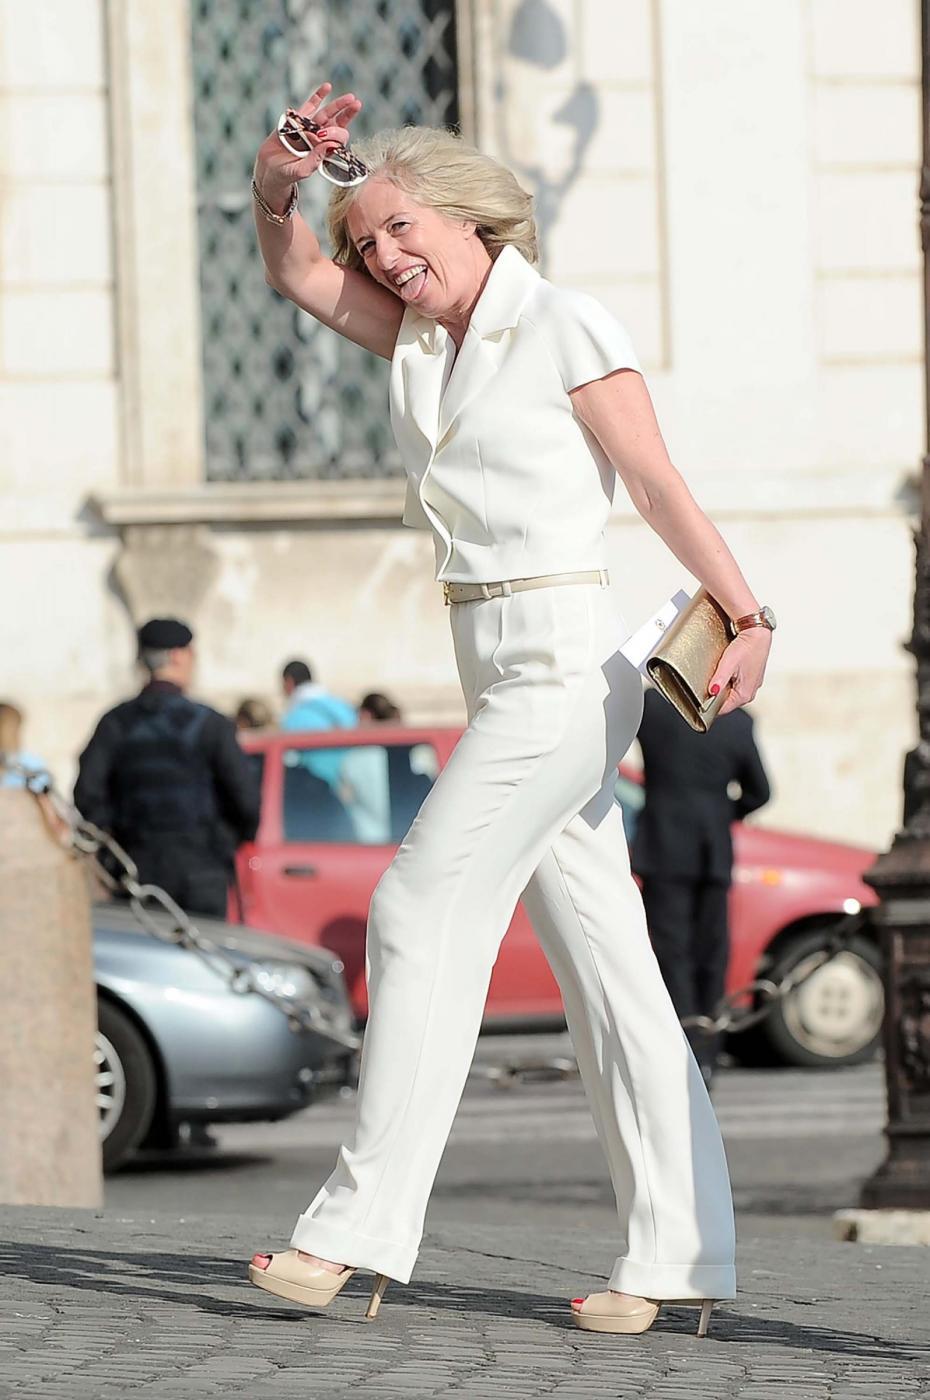 Maria Elena Boschi tacco 12, Lilli Gruber con sandali carroarmato: look dei politici al Quirinale 7